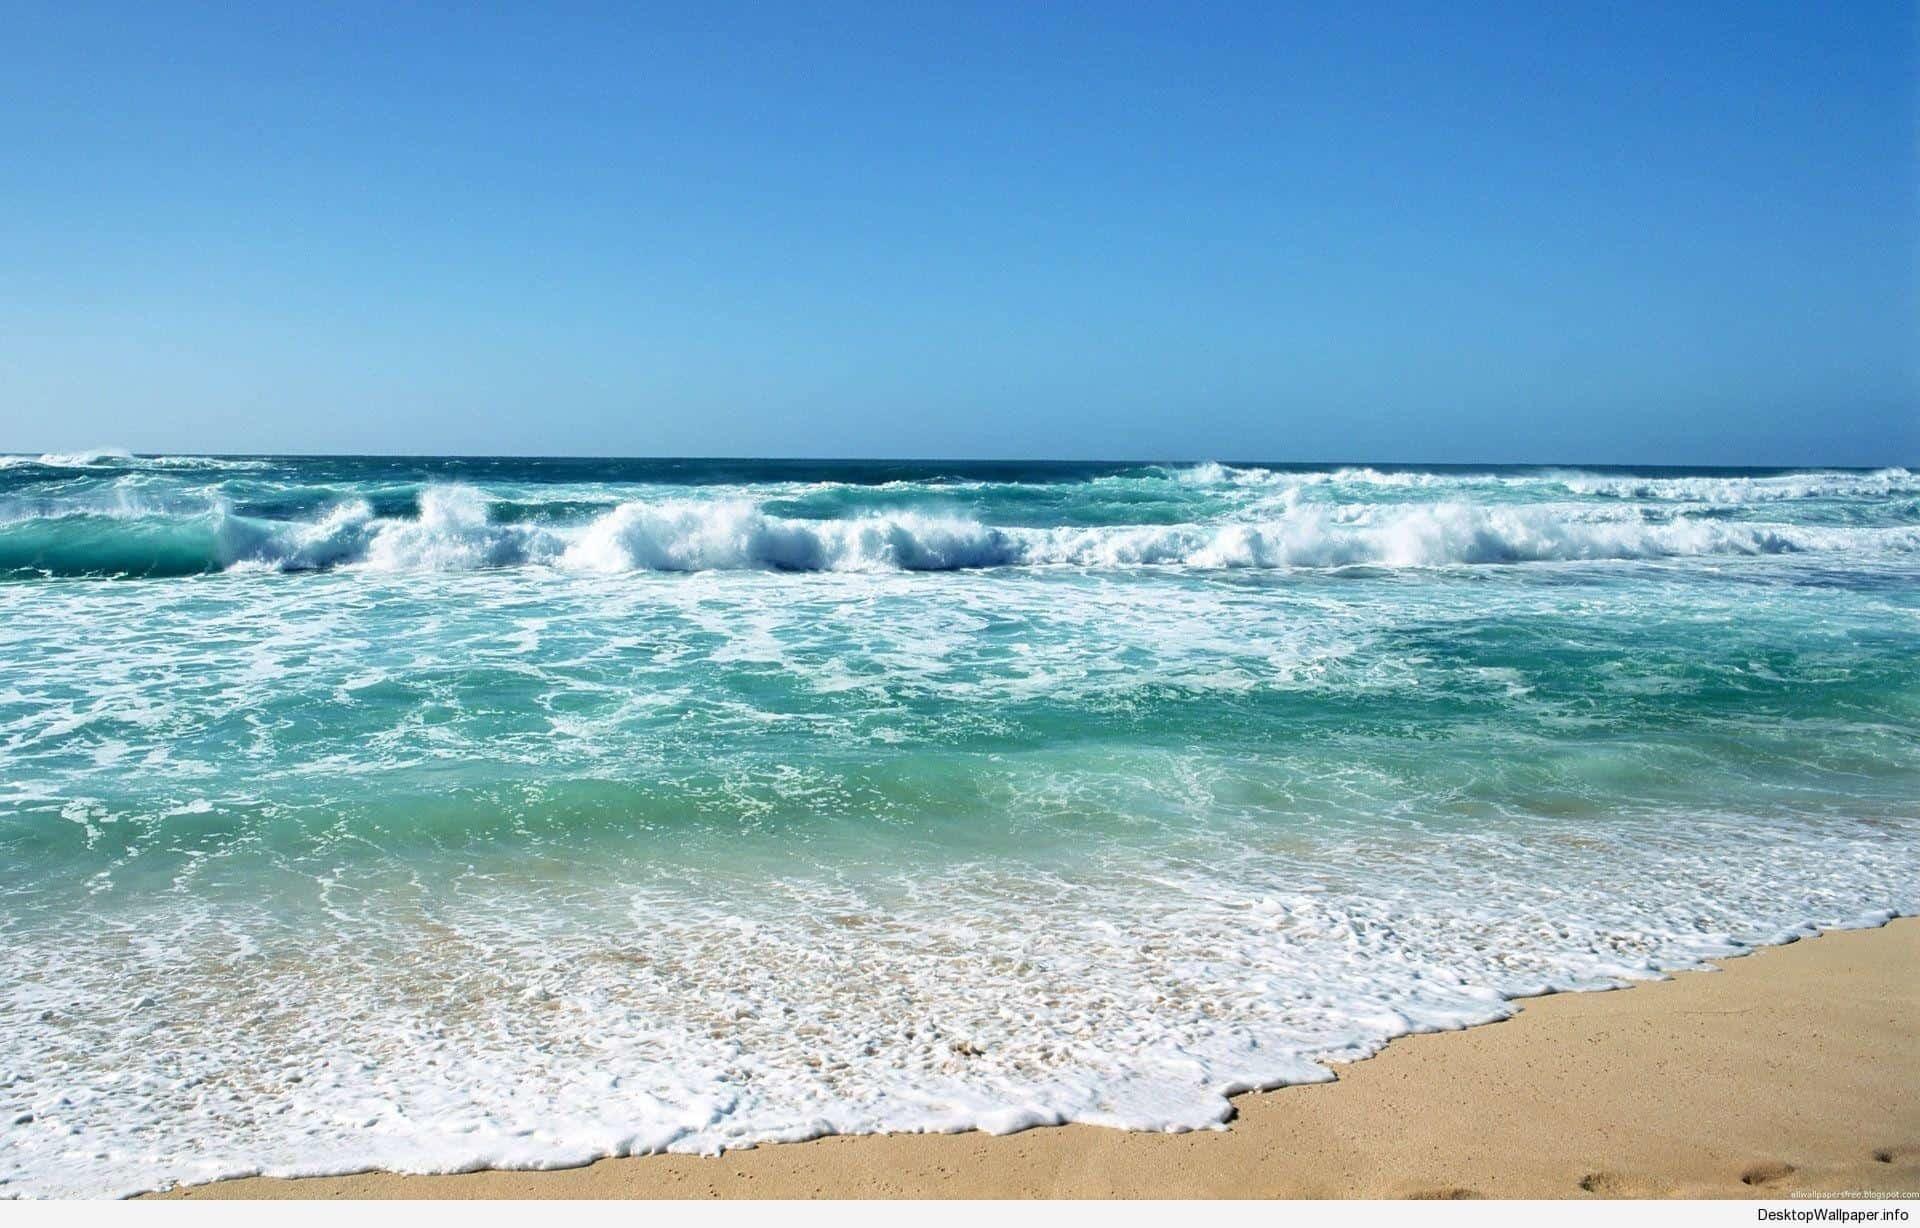 Res: 1920x1228, wallpaper of ocean scenes